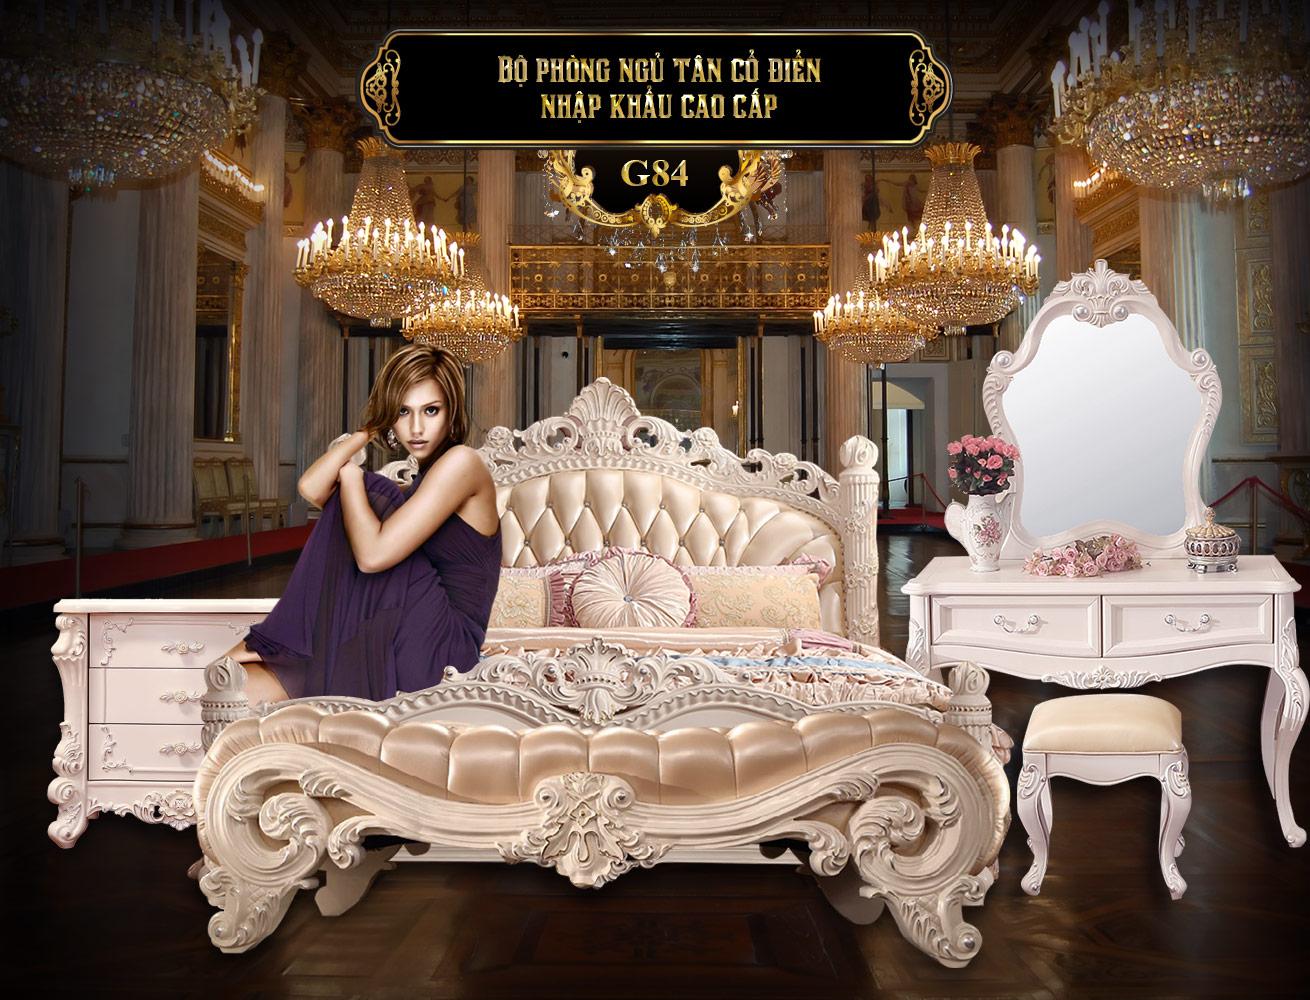 Bộ phòng ngủ tân cổ điển trắng G84   Giường gỗ Sồi trắng cao cấp   Giường ngủ gỗ Sồi tại Hà Nội